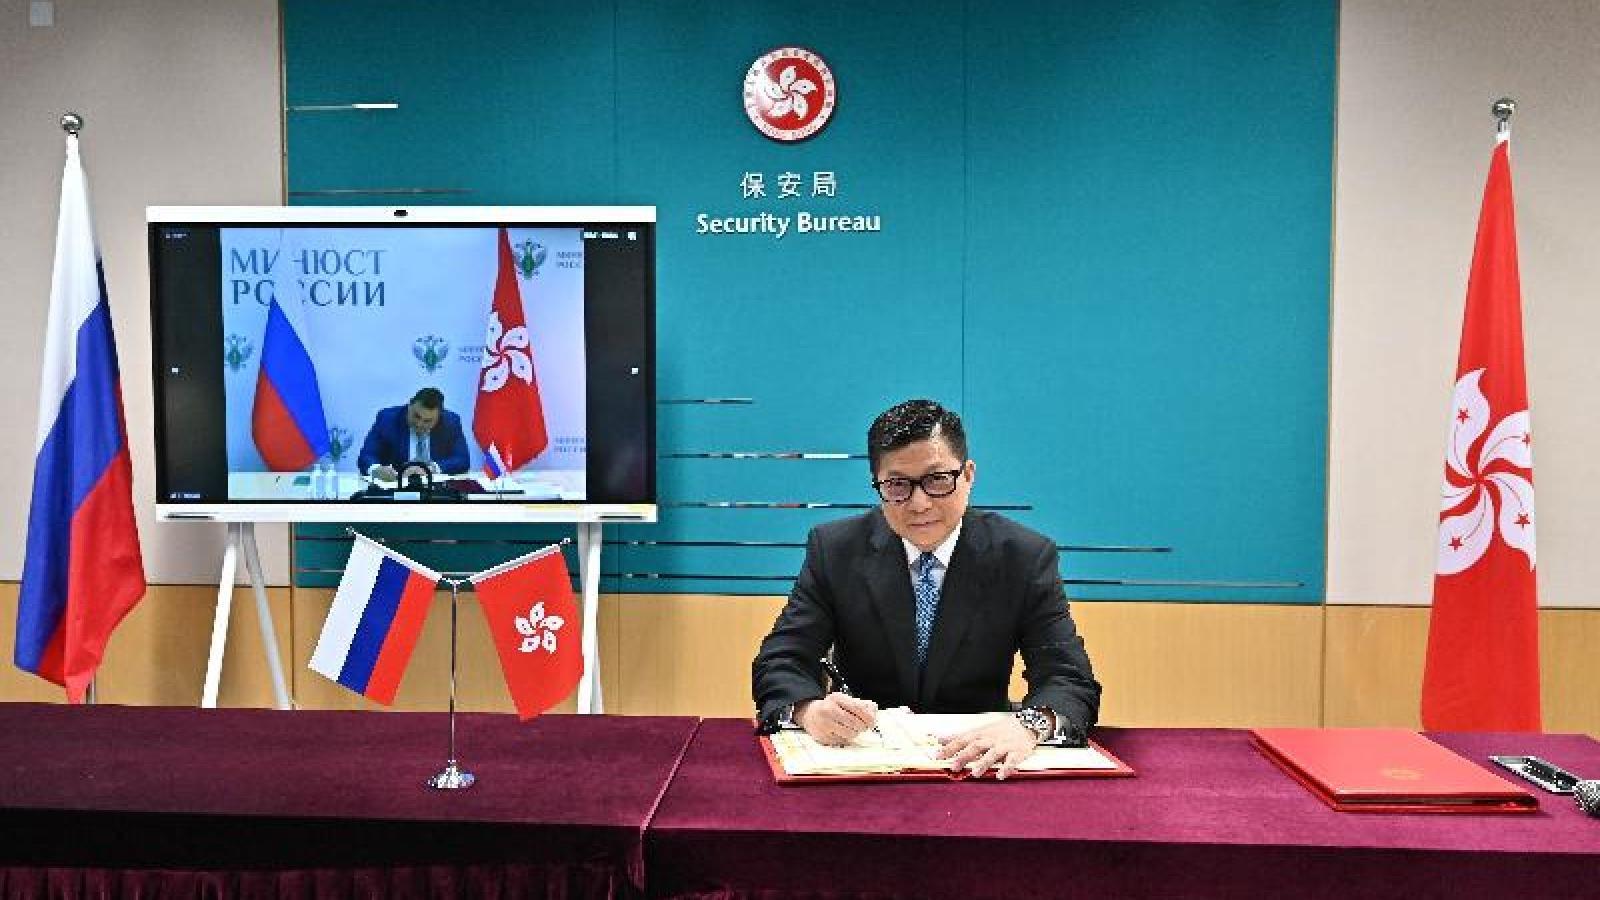 Hong Kong (Trung Quốc) và Nga ký thỏa thuận về tương trợ tư pháp